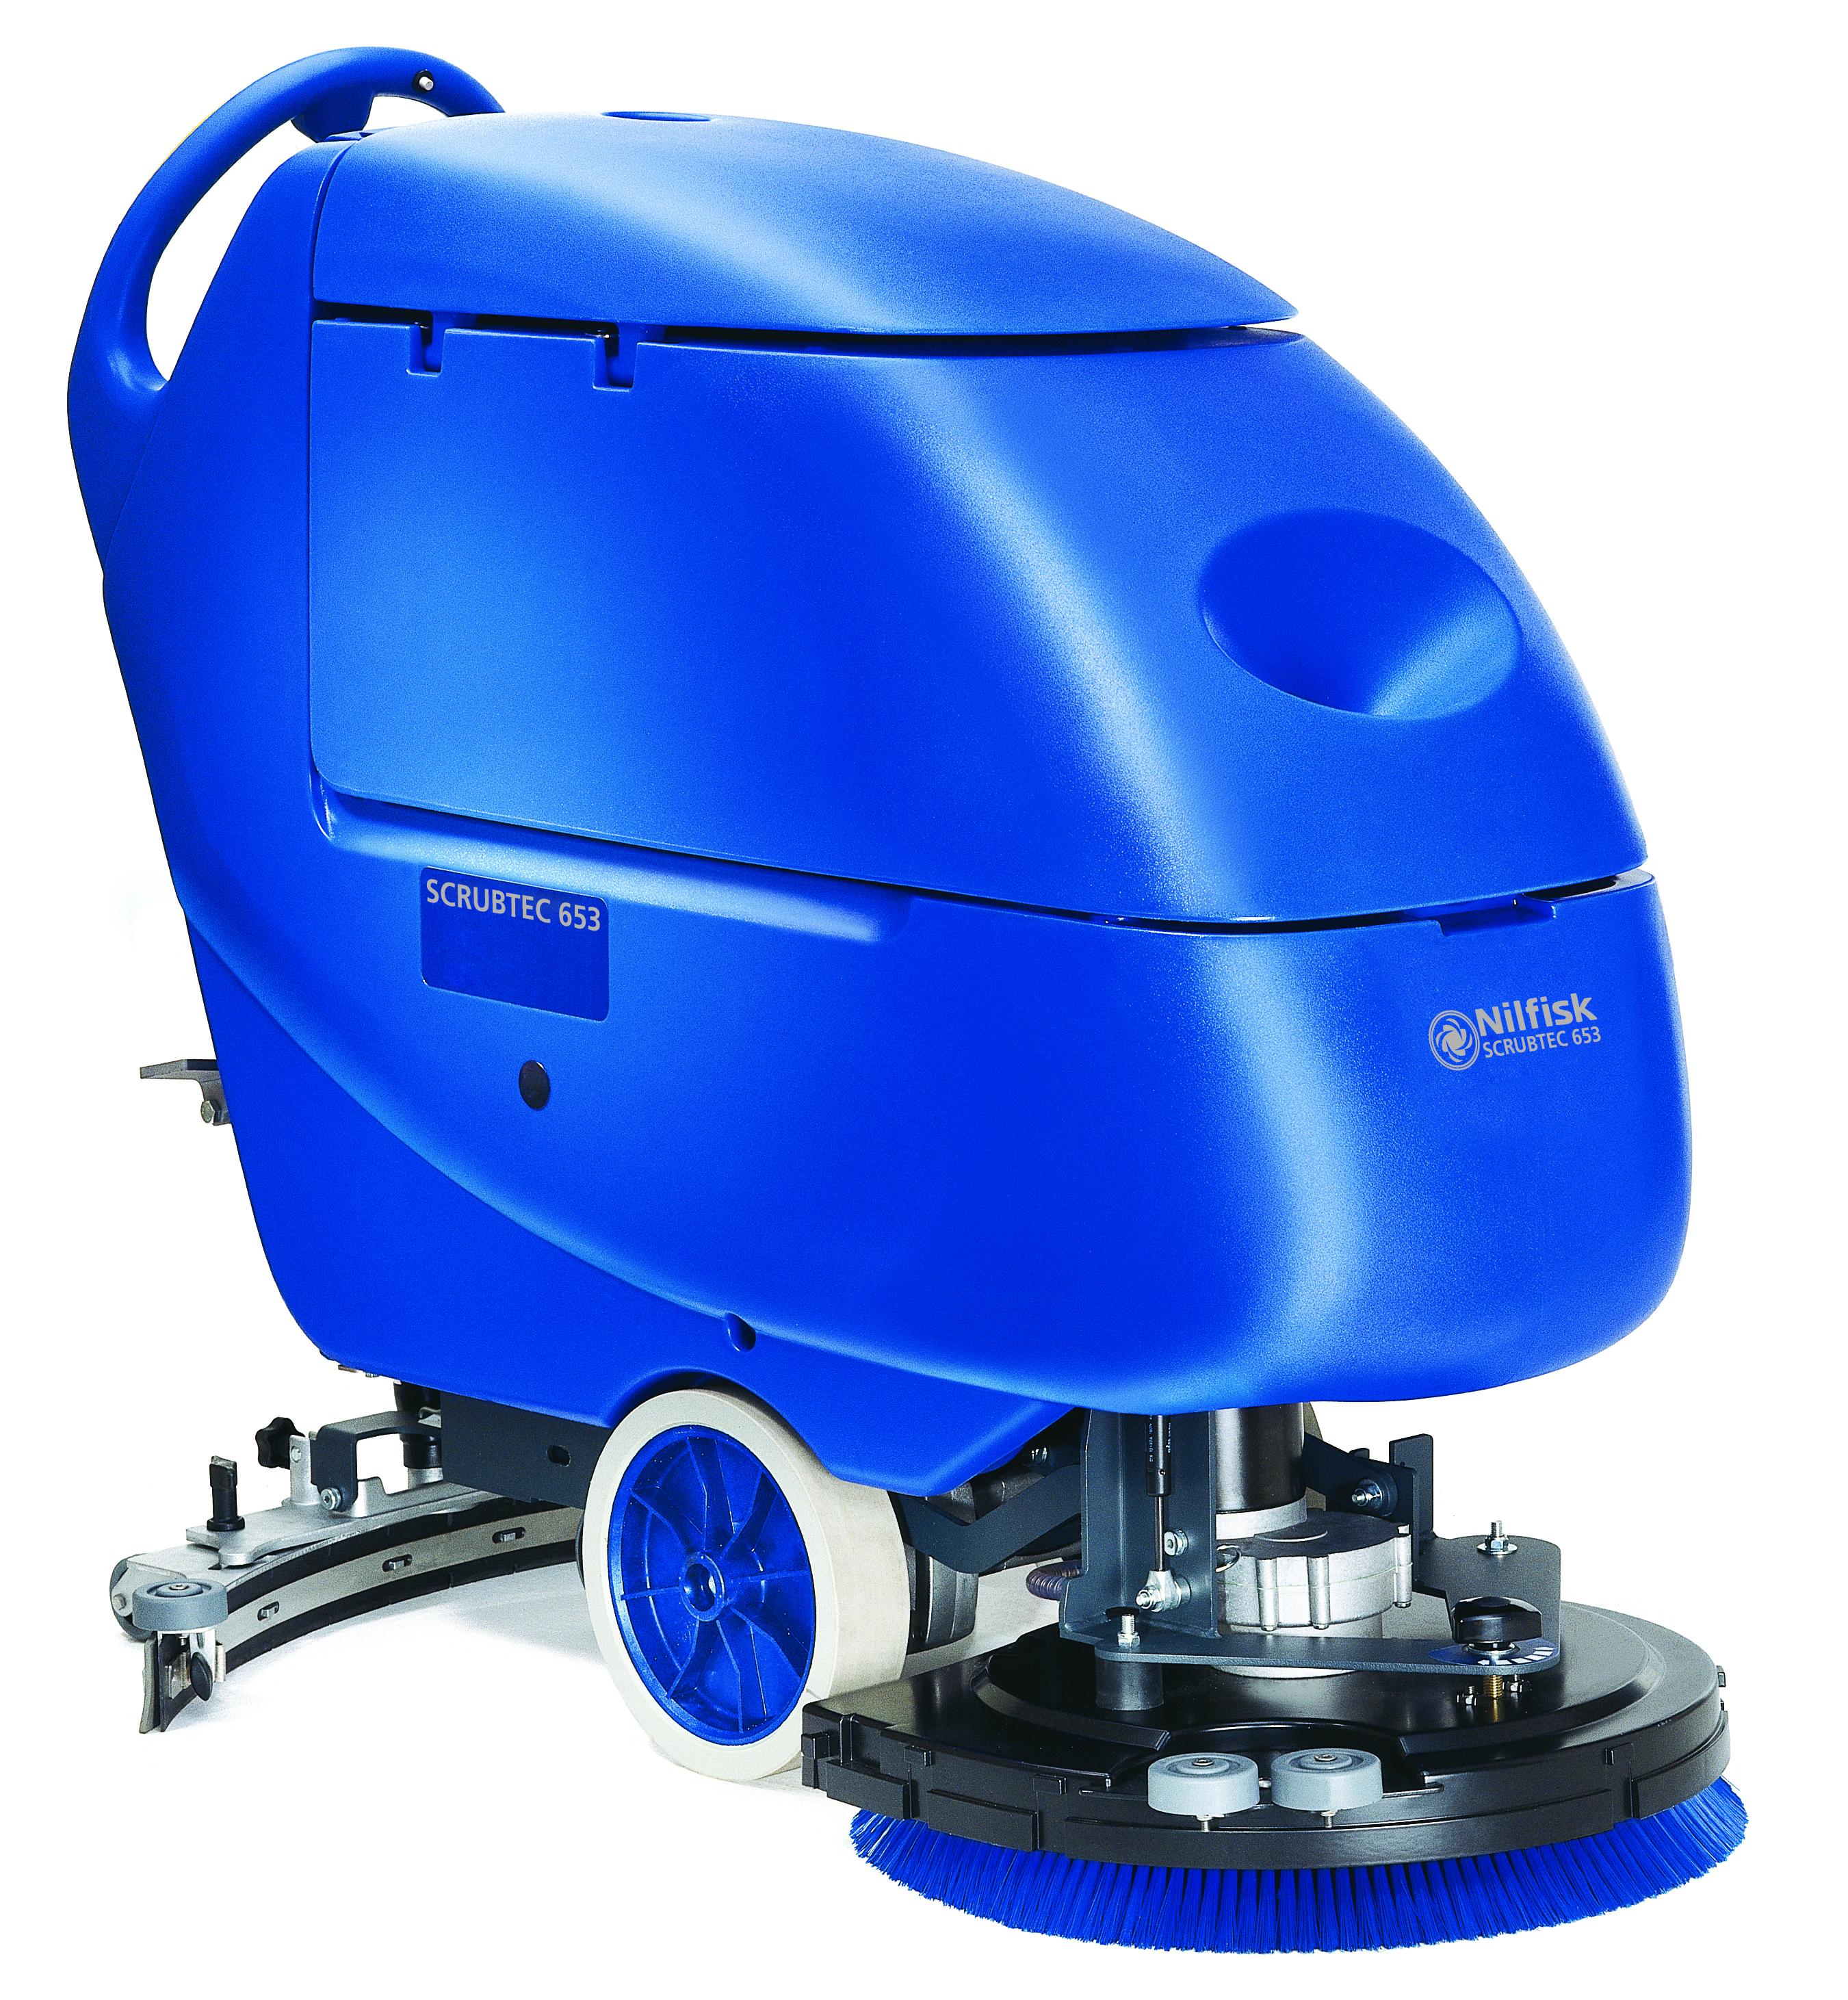 Nilfisk Preventivní údržba podlahového mycího zařízení